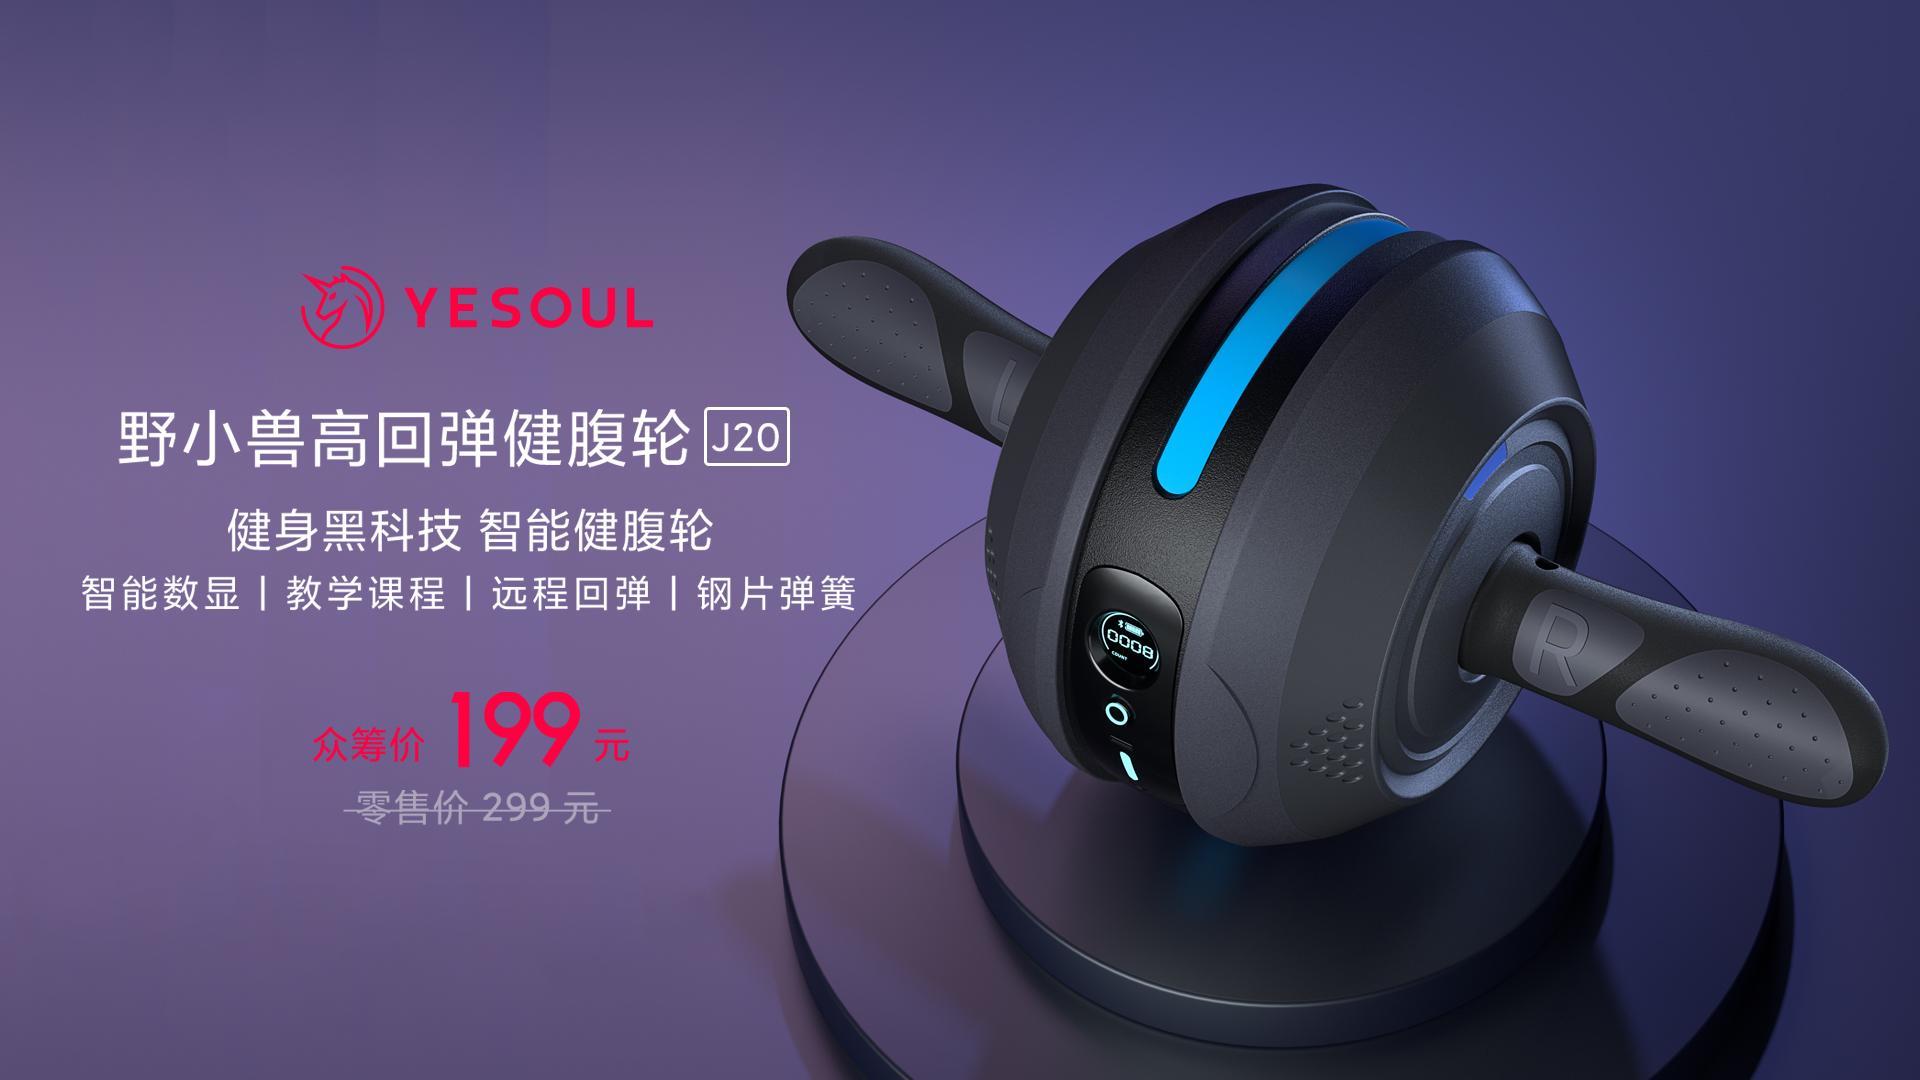 新一代家庭炫腹新方式,YESOUL高回弹健腹轮J20新品上市